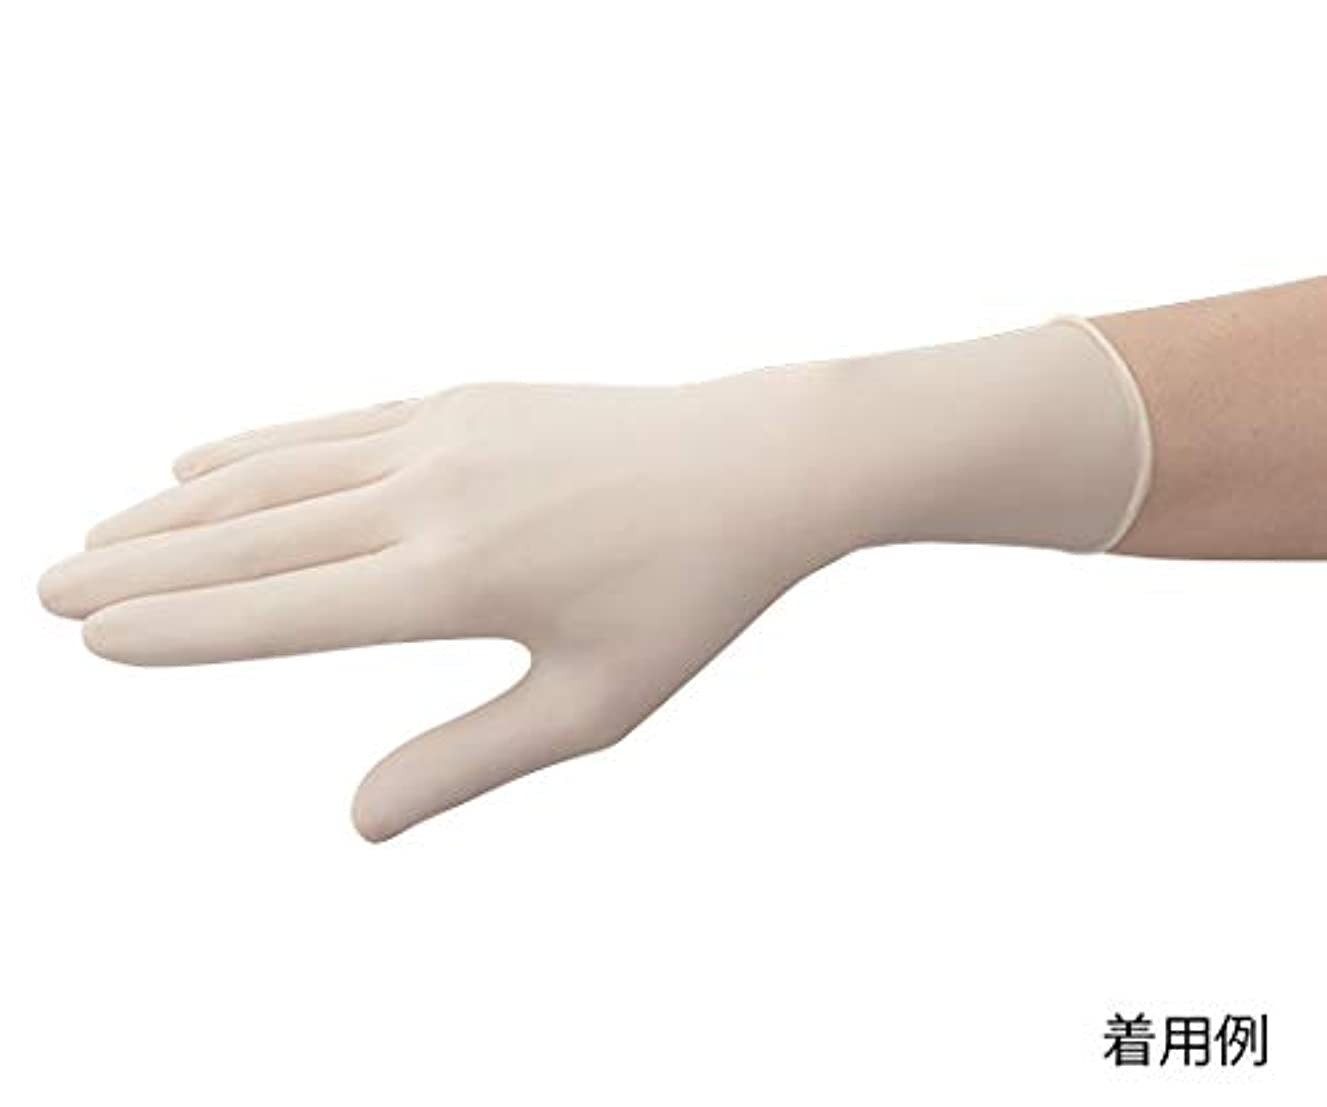 サイレント良さアンペア東レ?メディカル 手術用手袋メディグリップ パウダーフリー50双 8185MG